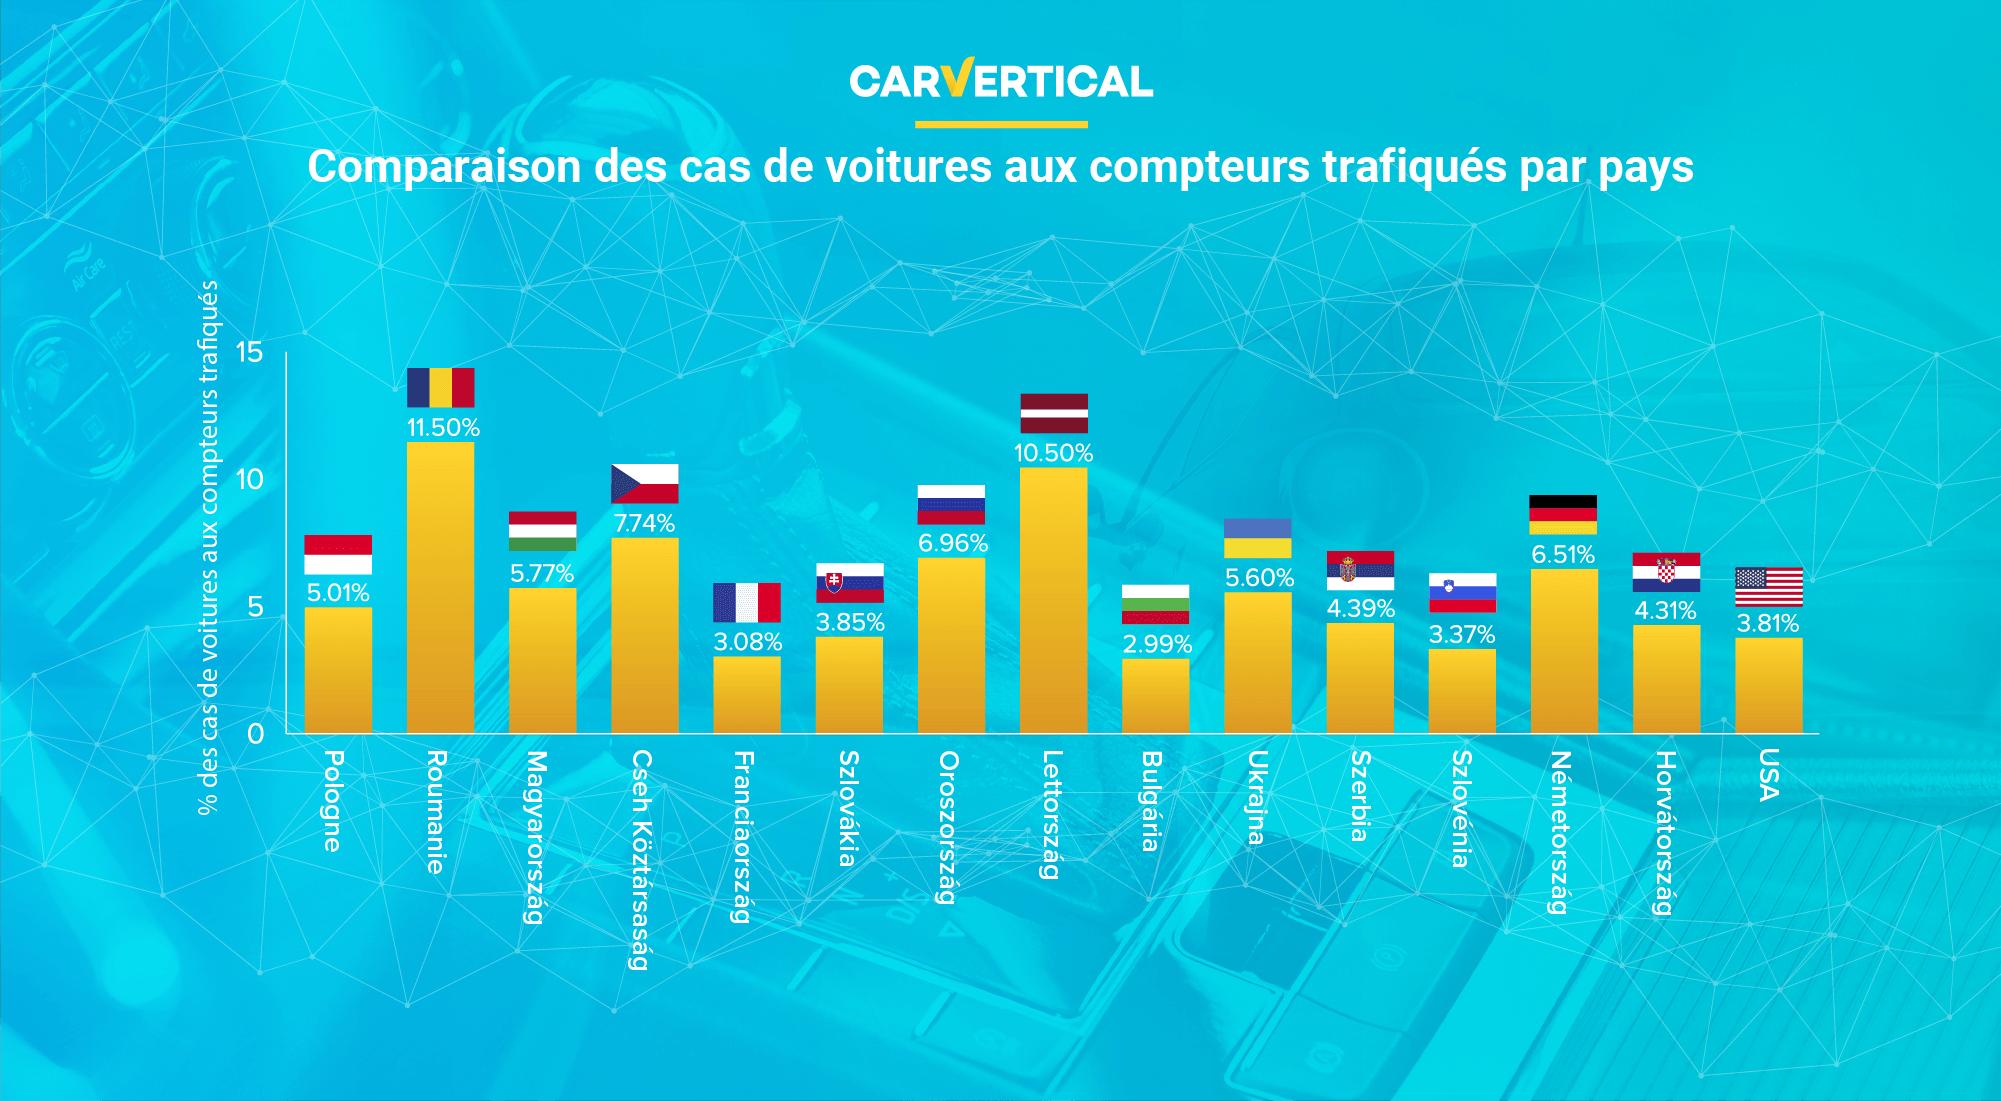 Comparaison des cas de voitures trafiqués aux compteurs par pays